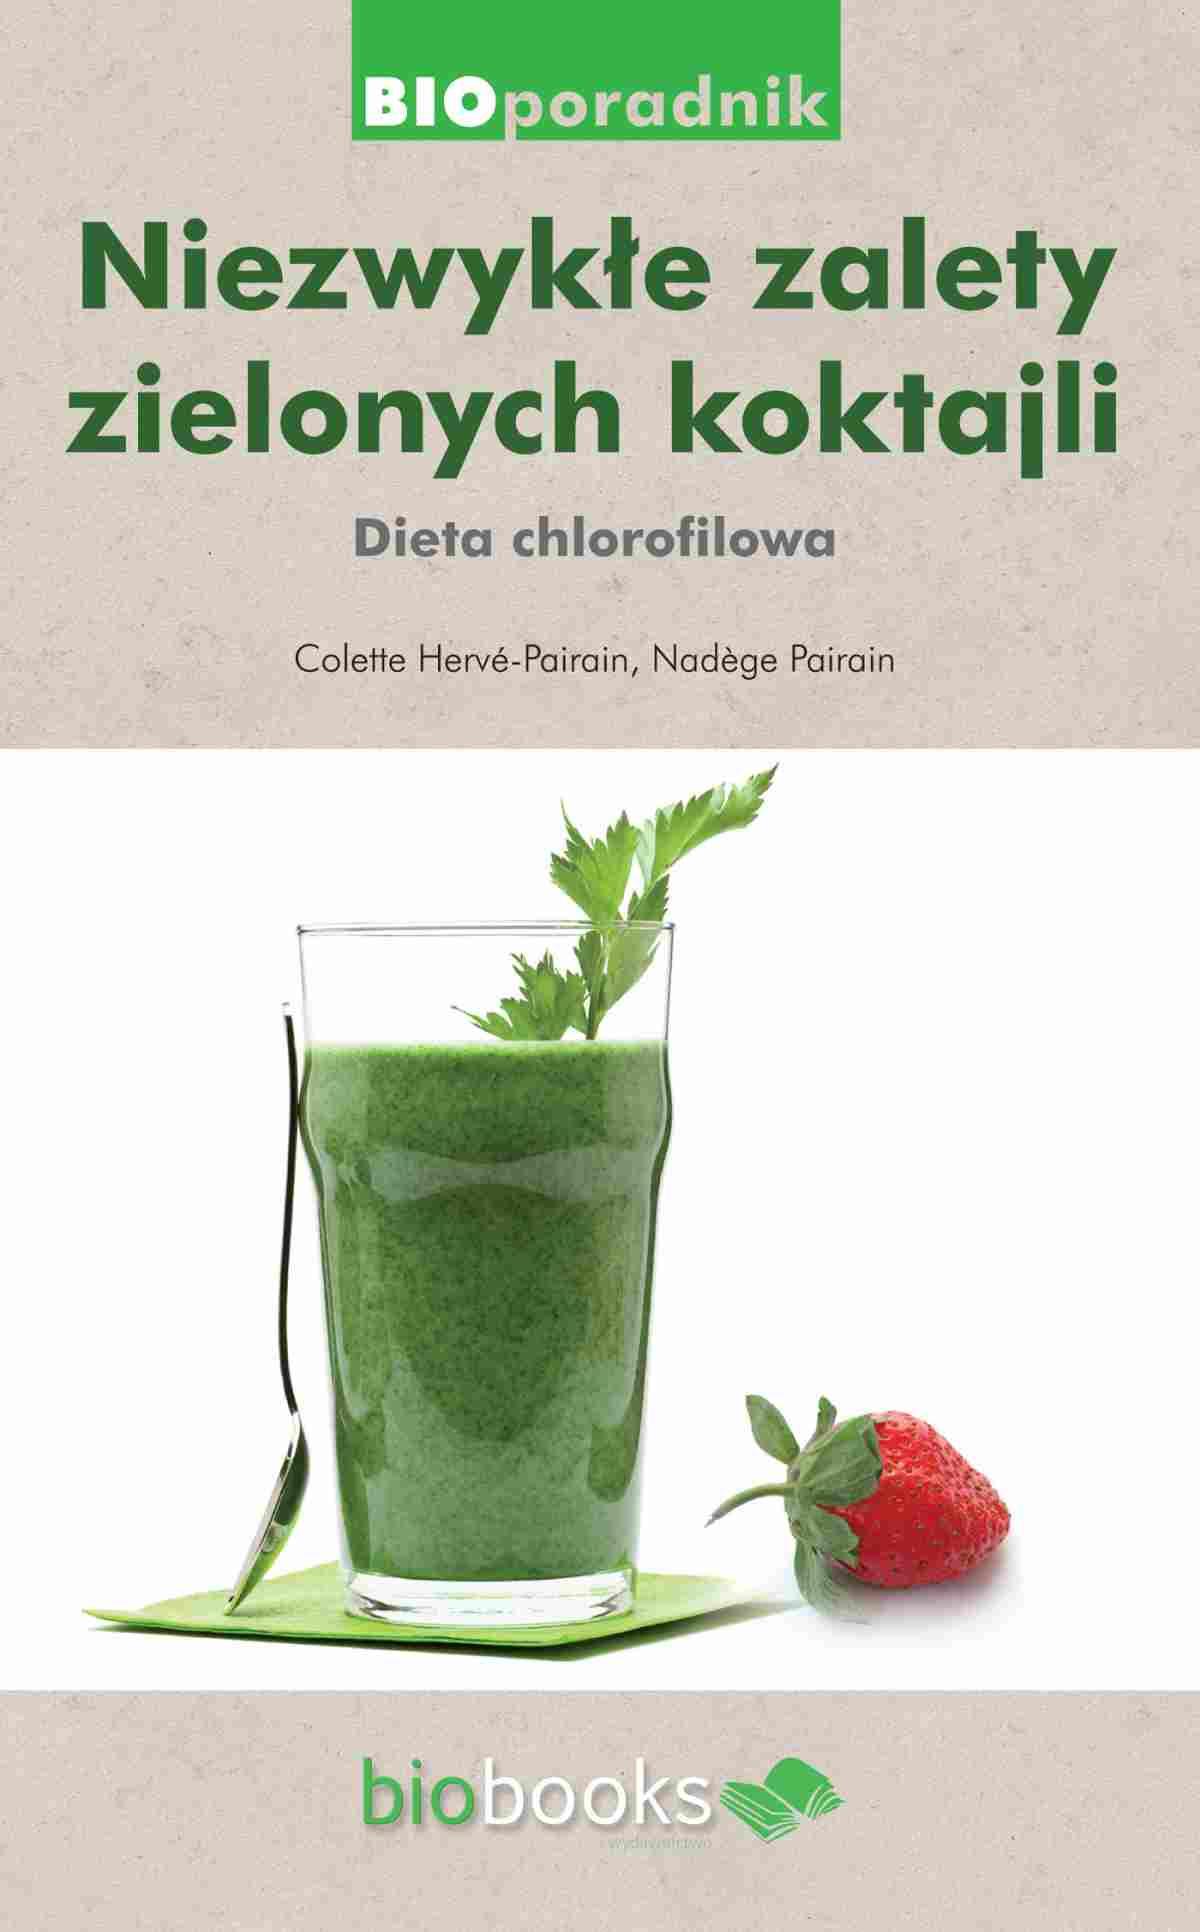 Niezwykłe zalety zielonych koktajli. Dieta chlorofilowa - Ebook (Książka EPUB) do pobrania w formacie EPUB